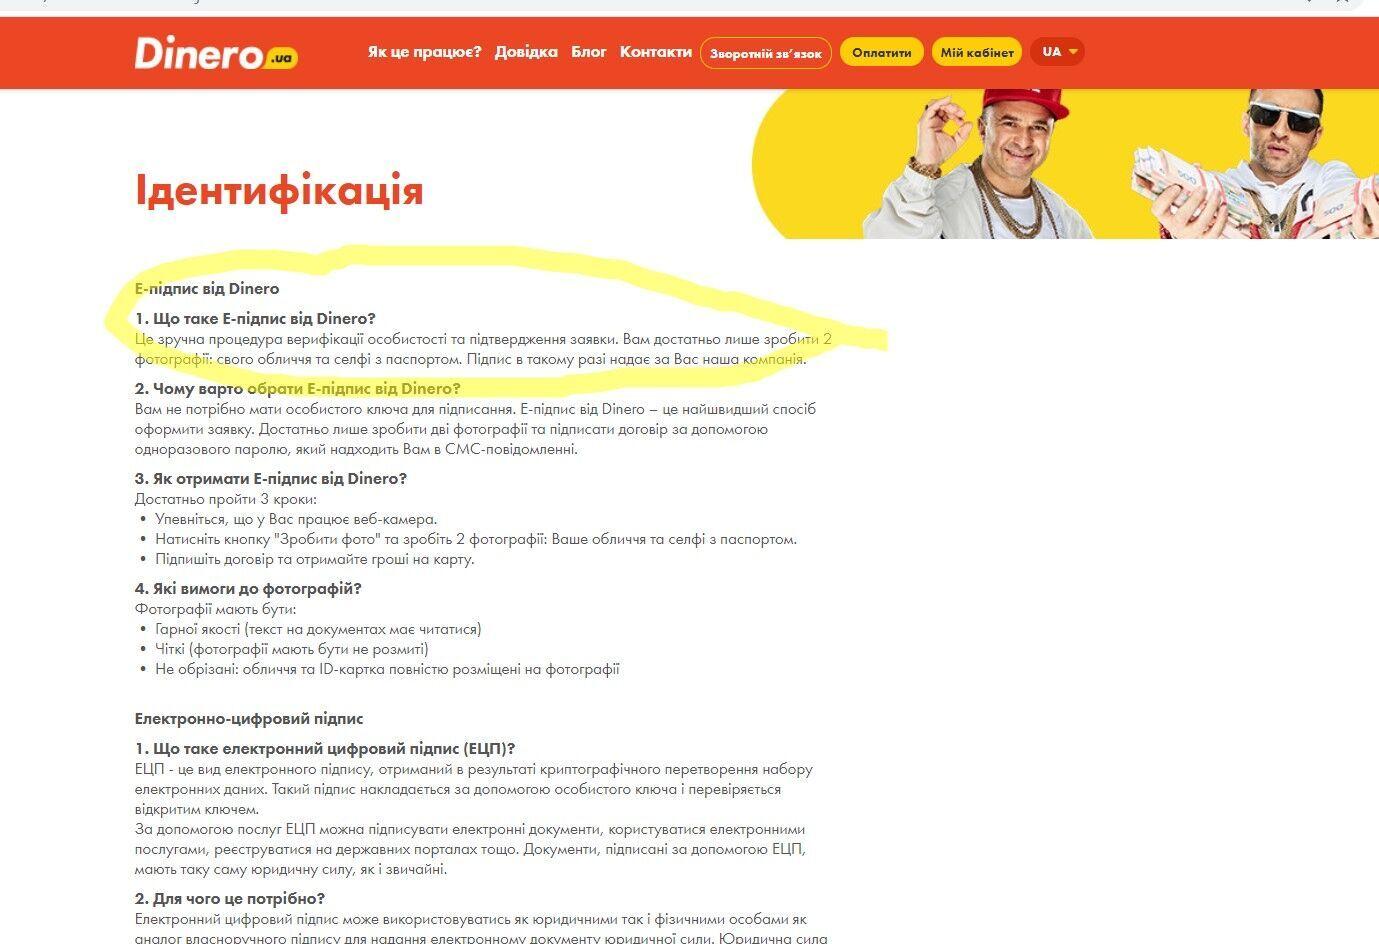 Кредиты рекламирует Виктор Павлик